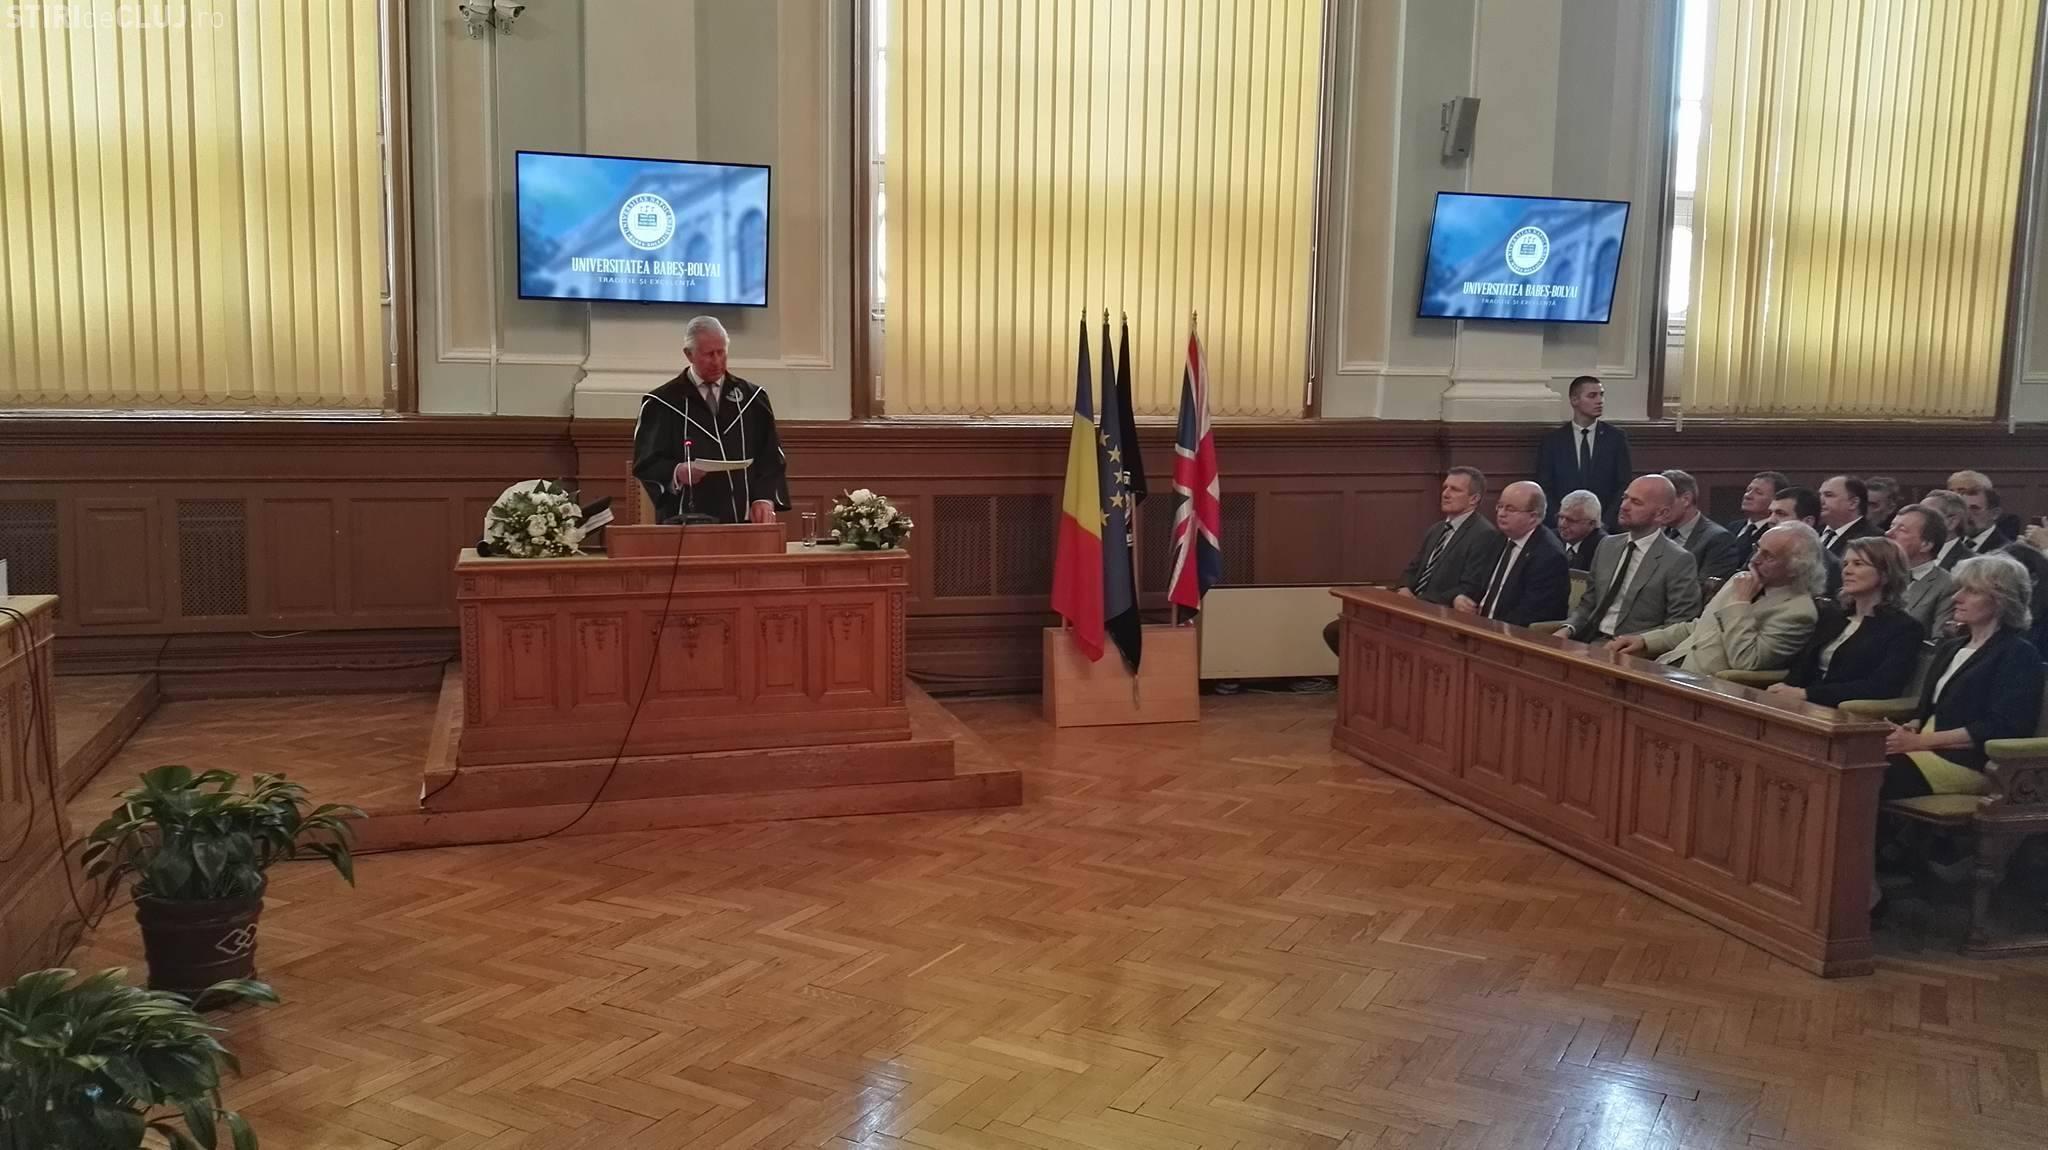 Prințul Charles a ajuns la UBB Cluj! Cu ce discurs a fost primit de rectorul Ioan Aurel Pop